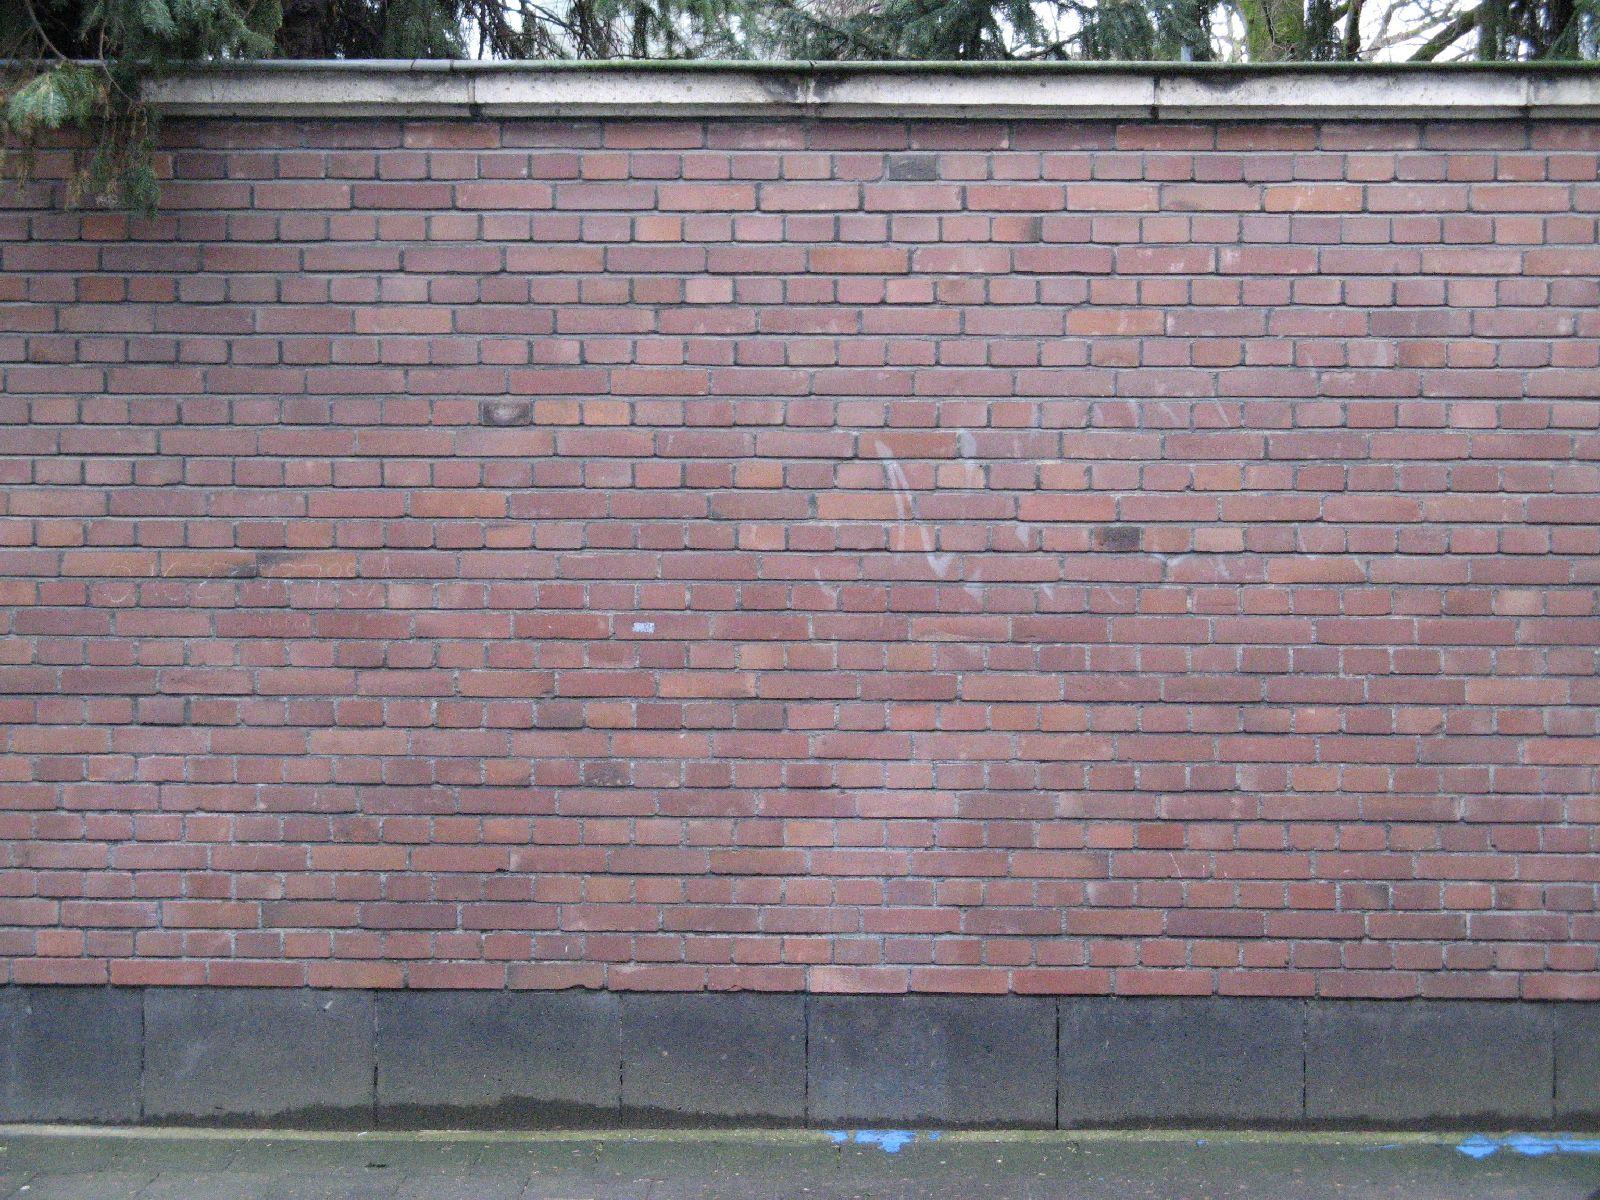 Wand-Mauerwerk-Backstein_Textur_B_02288